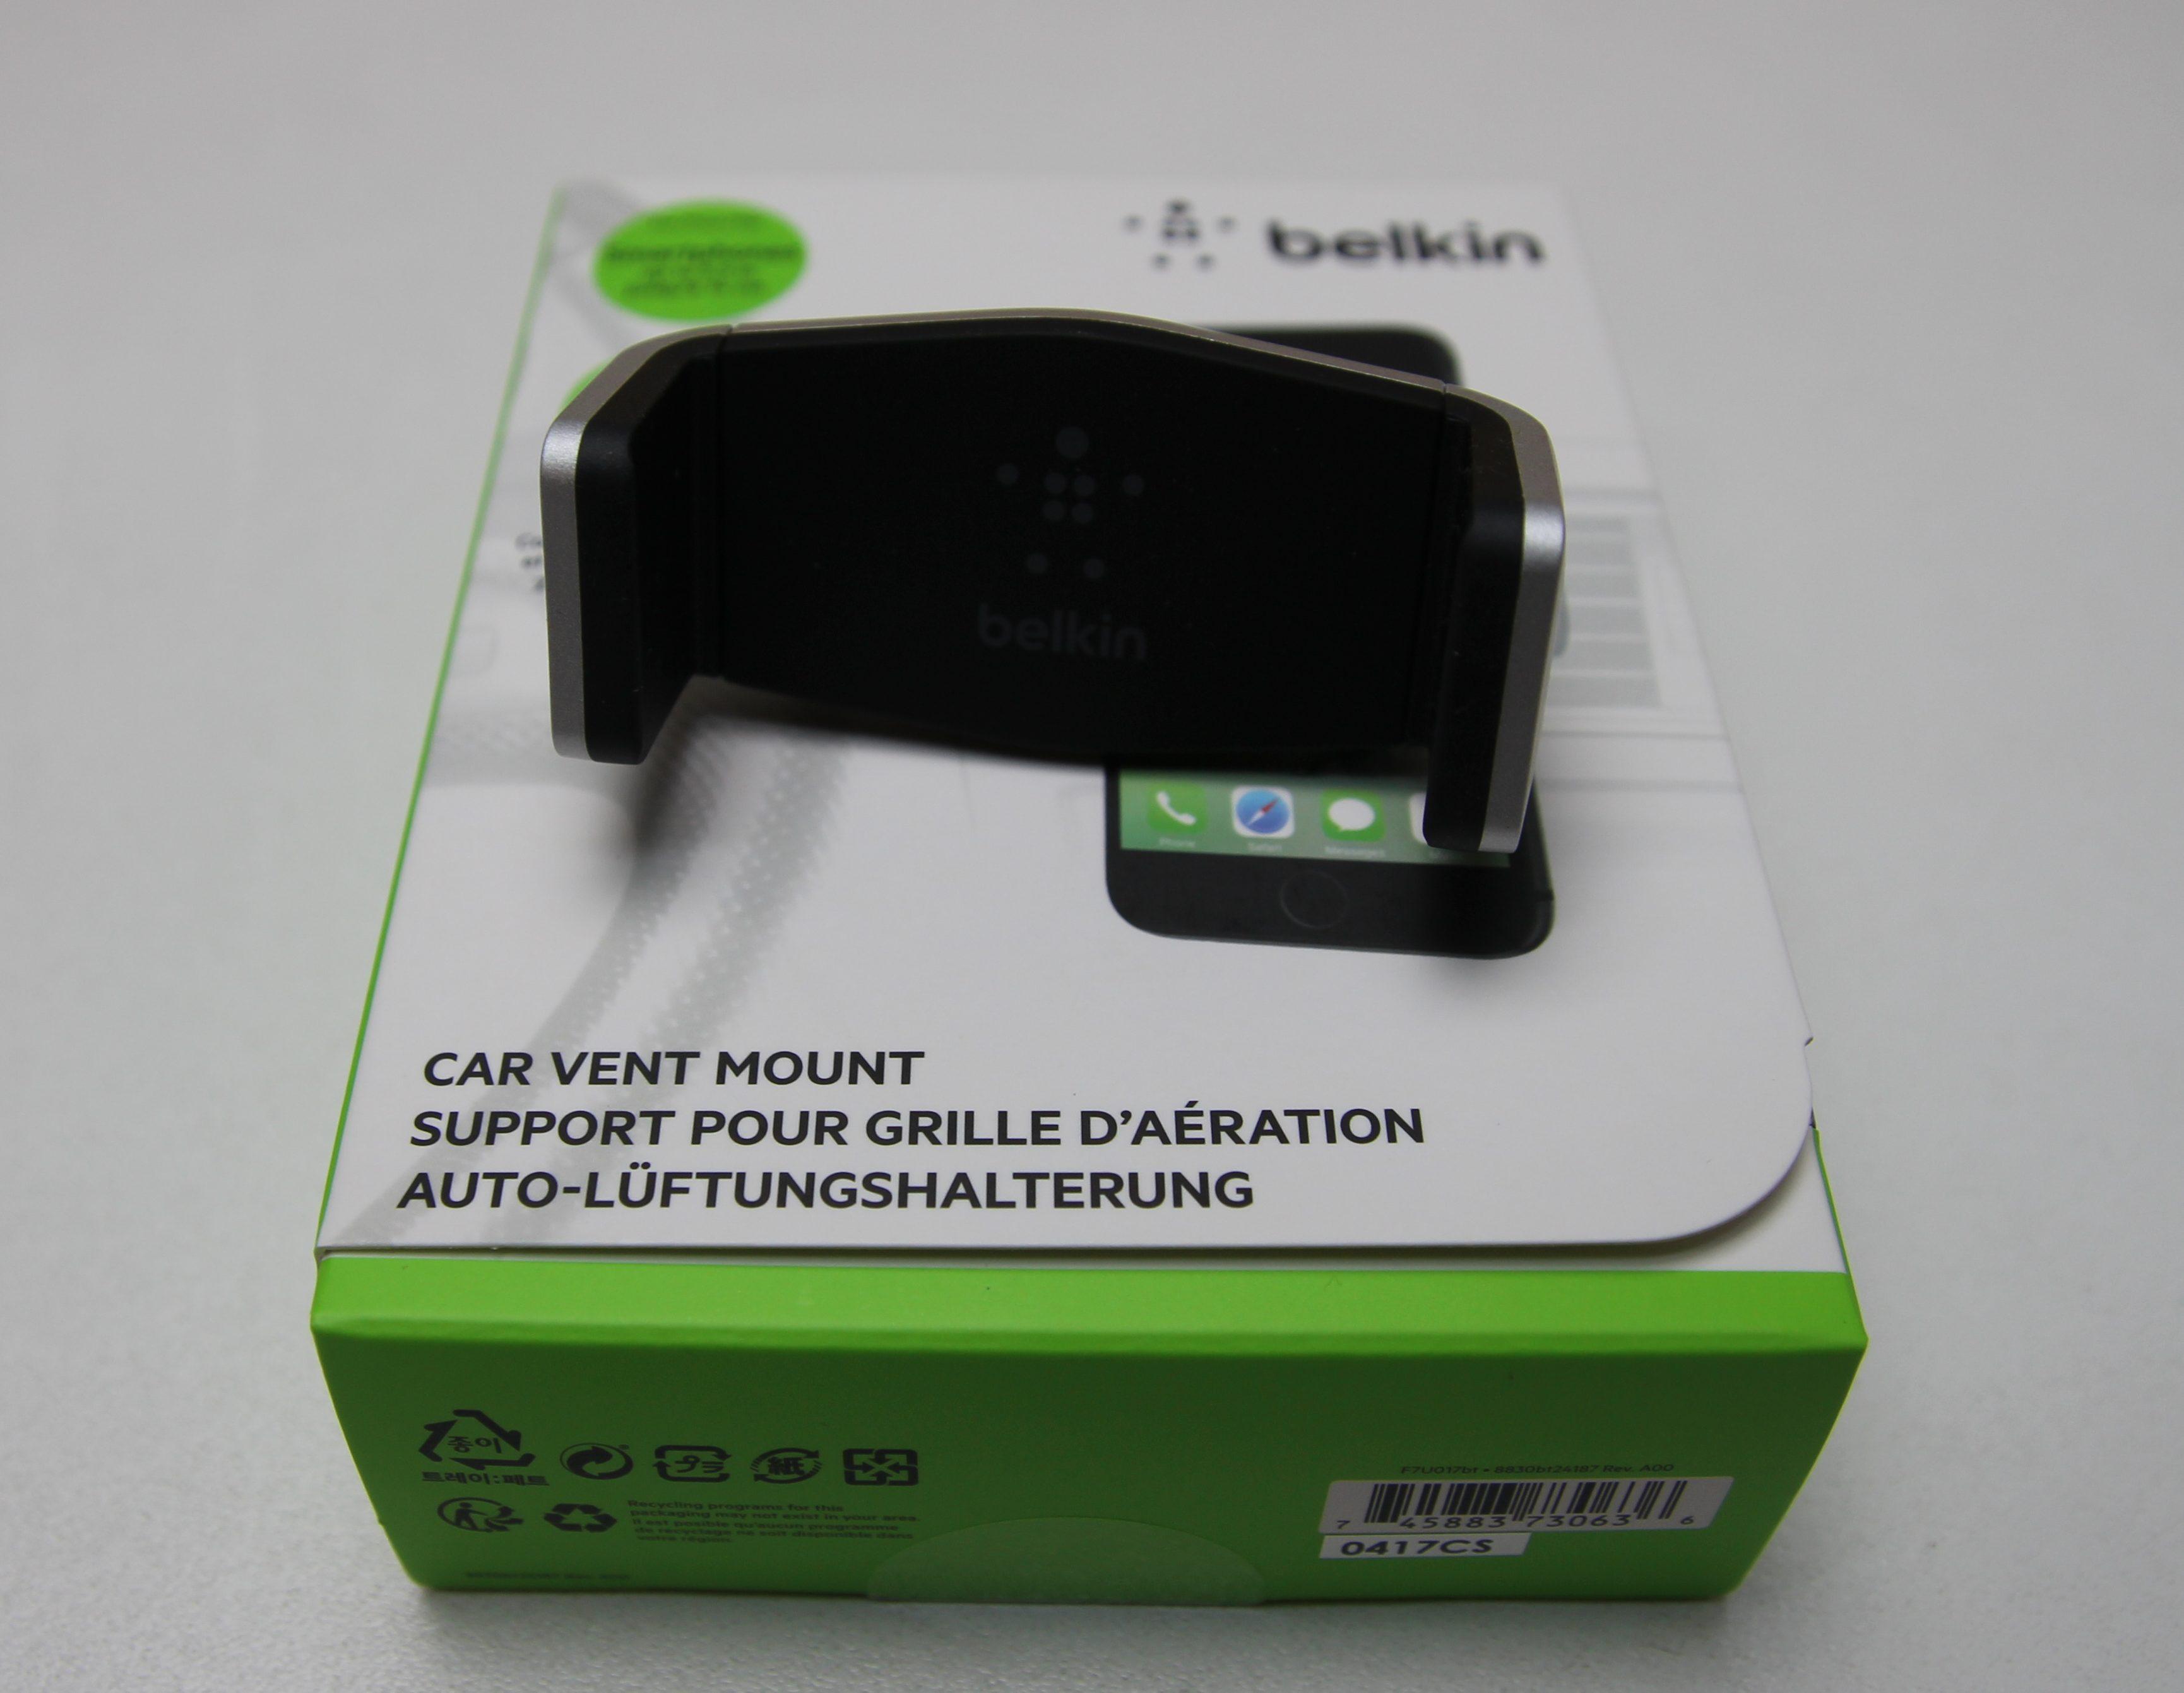 Support pour grille d'aération de Belkin | Belkin Car Vent Mount